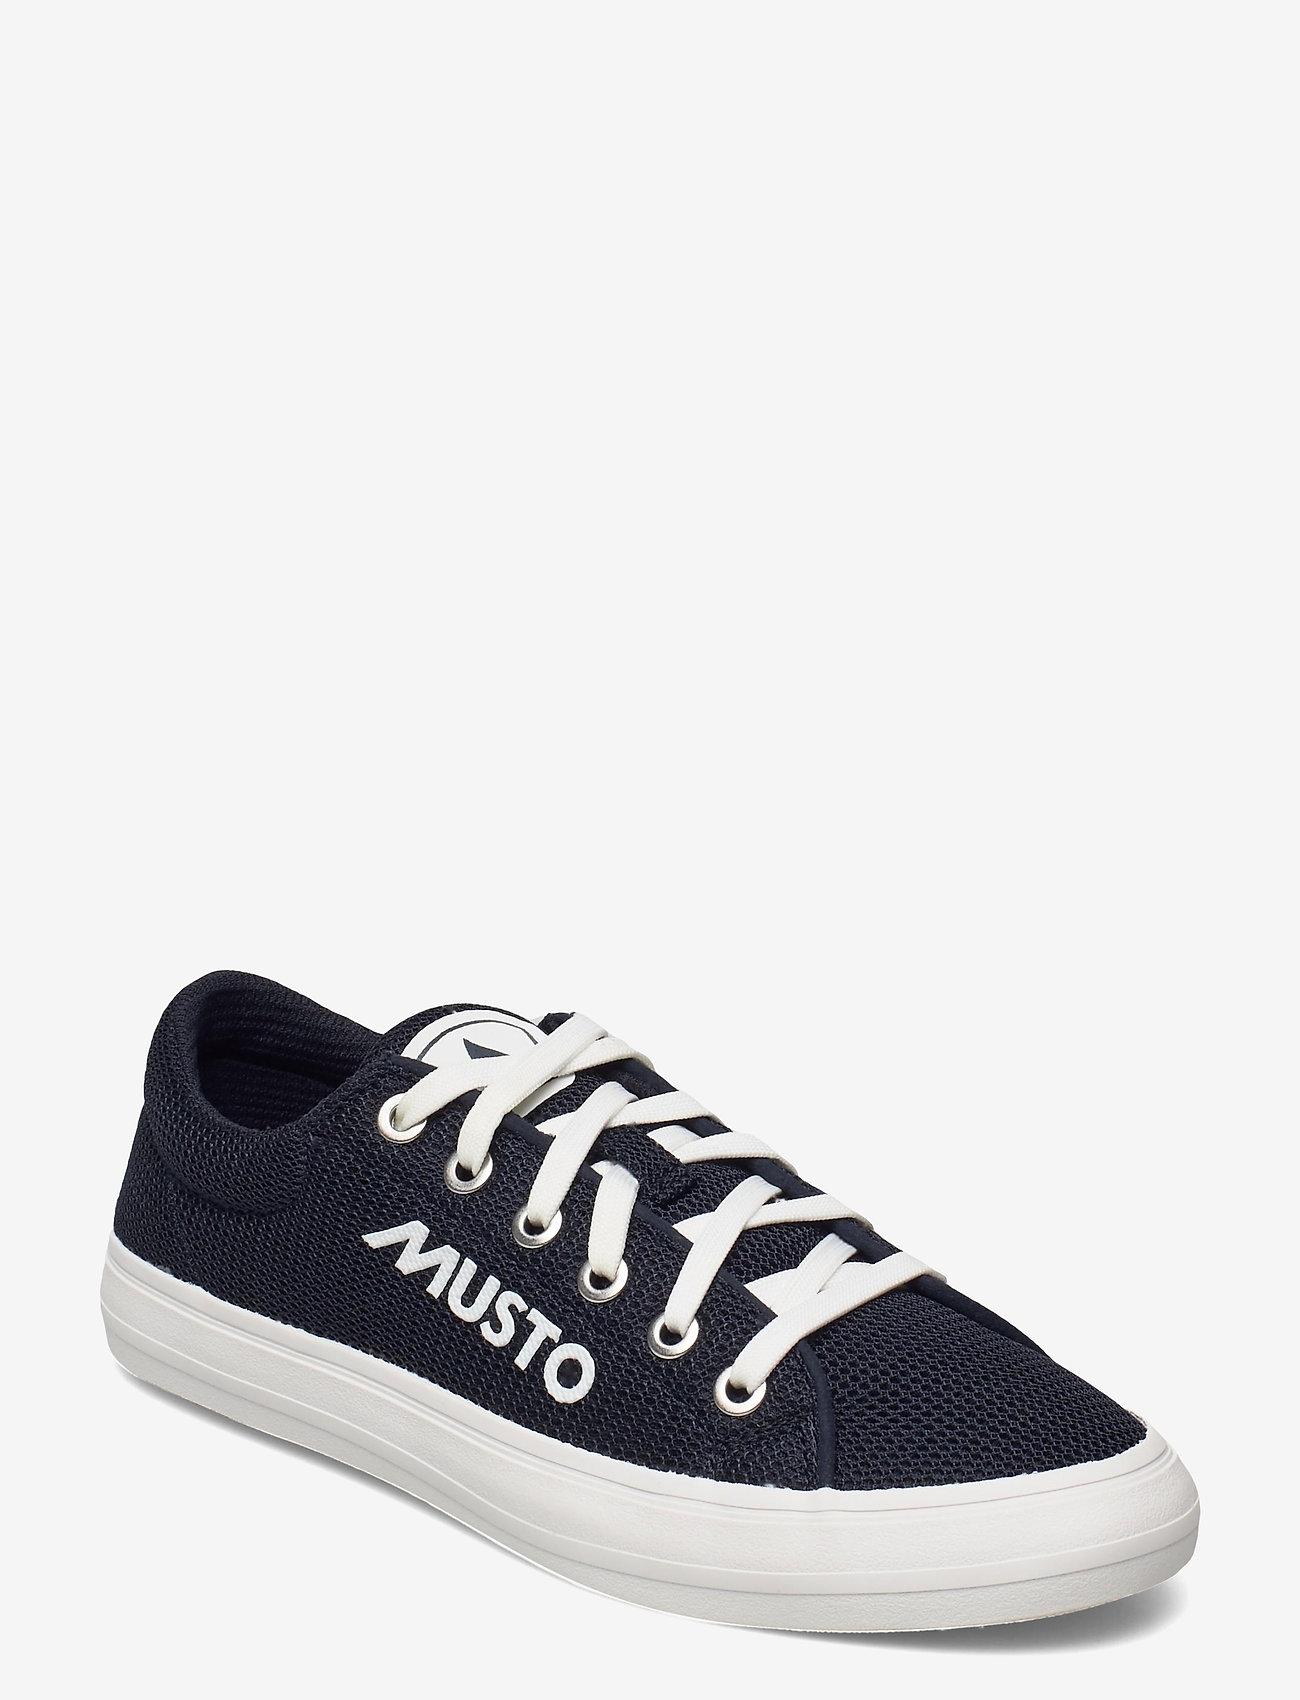 Musto - W NAUTIC ZEPHYR - low top sneakers - true navy - 0